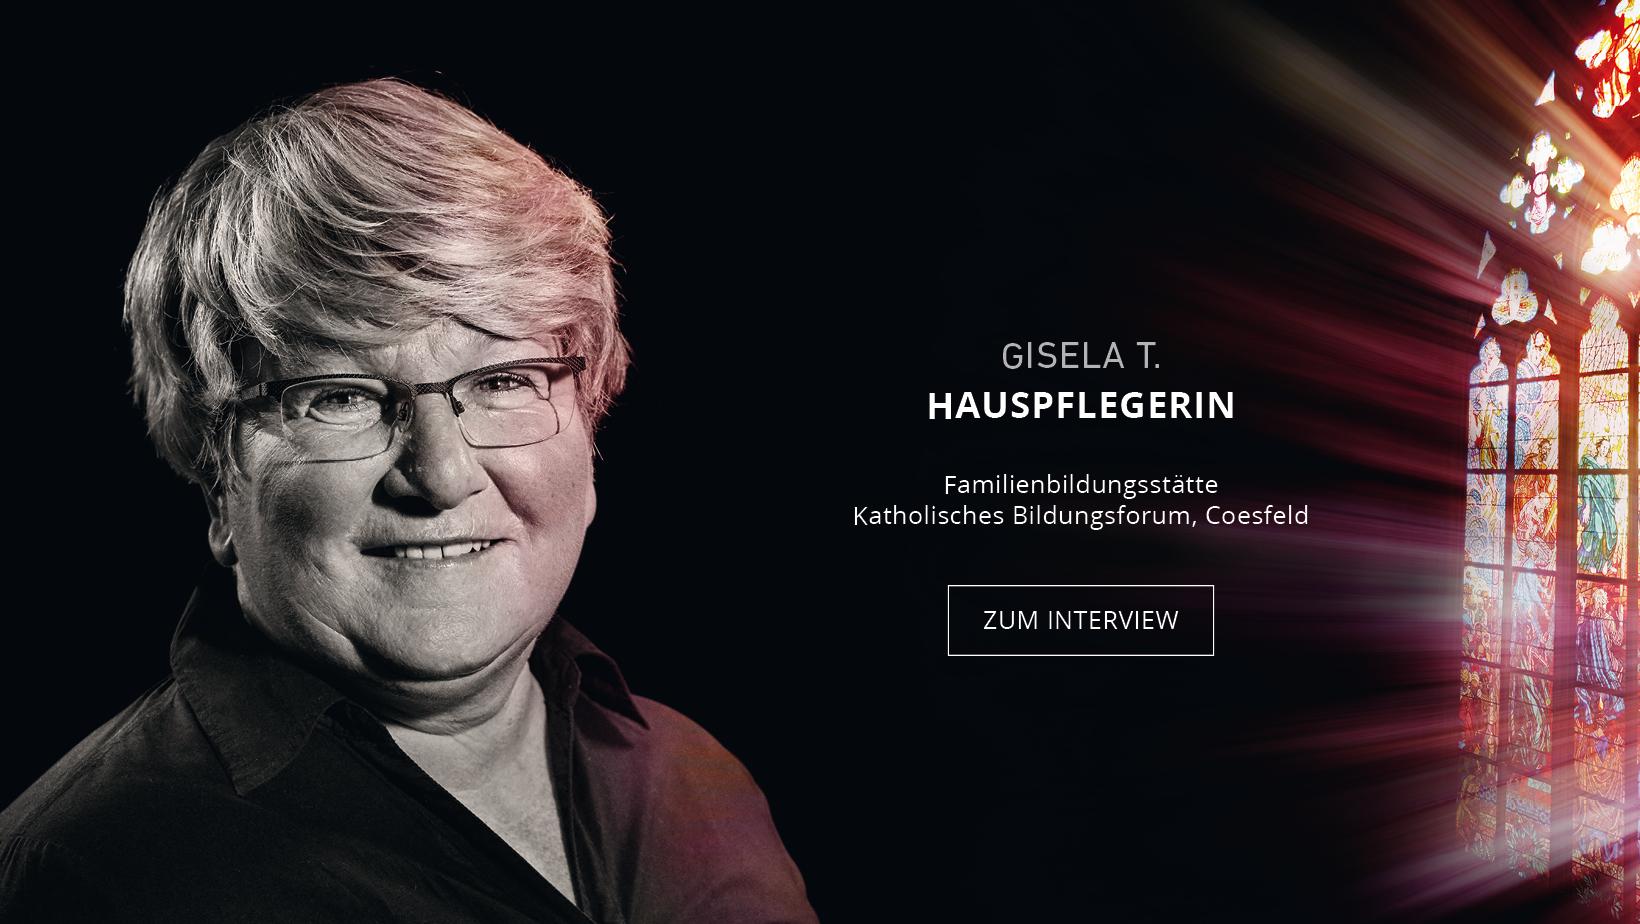 ERfahren Sie mehr über Hauspflegerin Gisela Trautmann